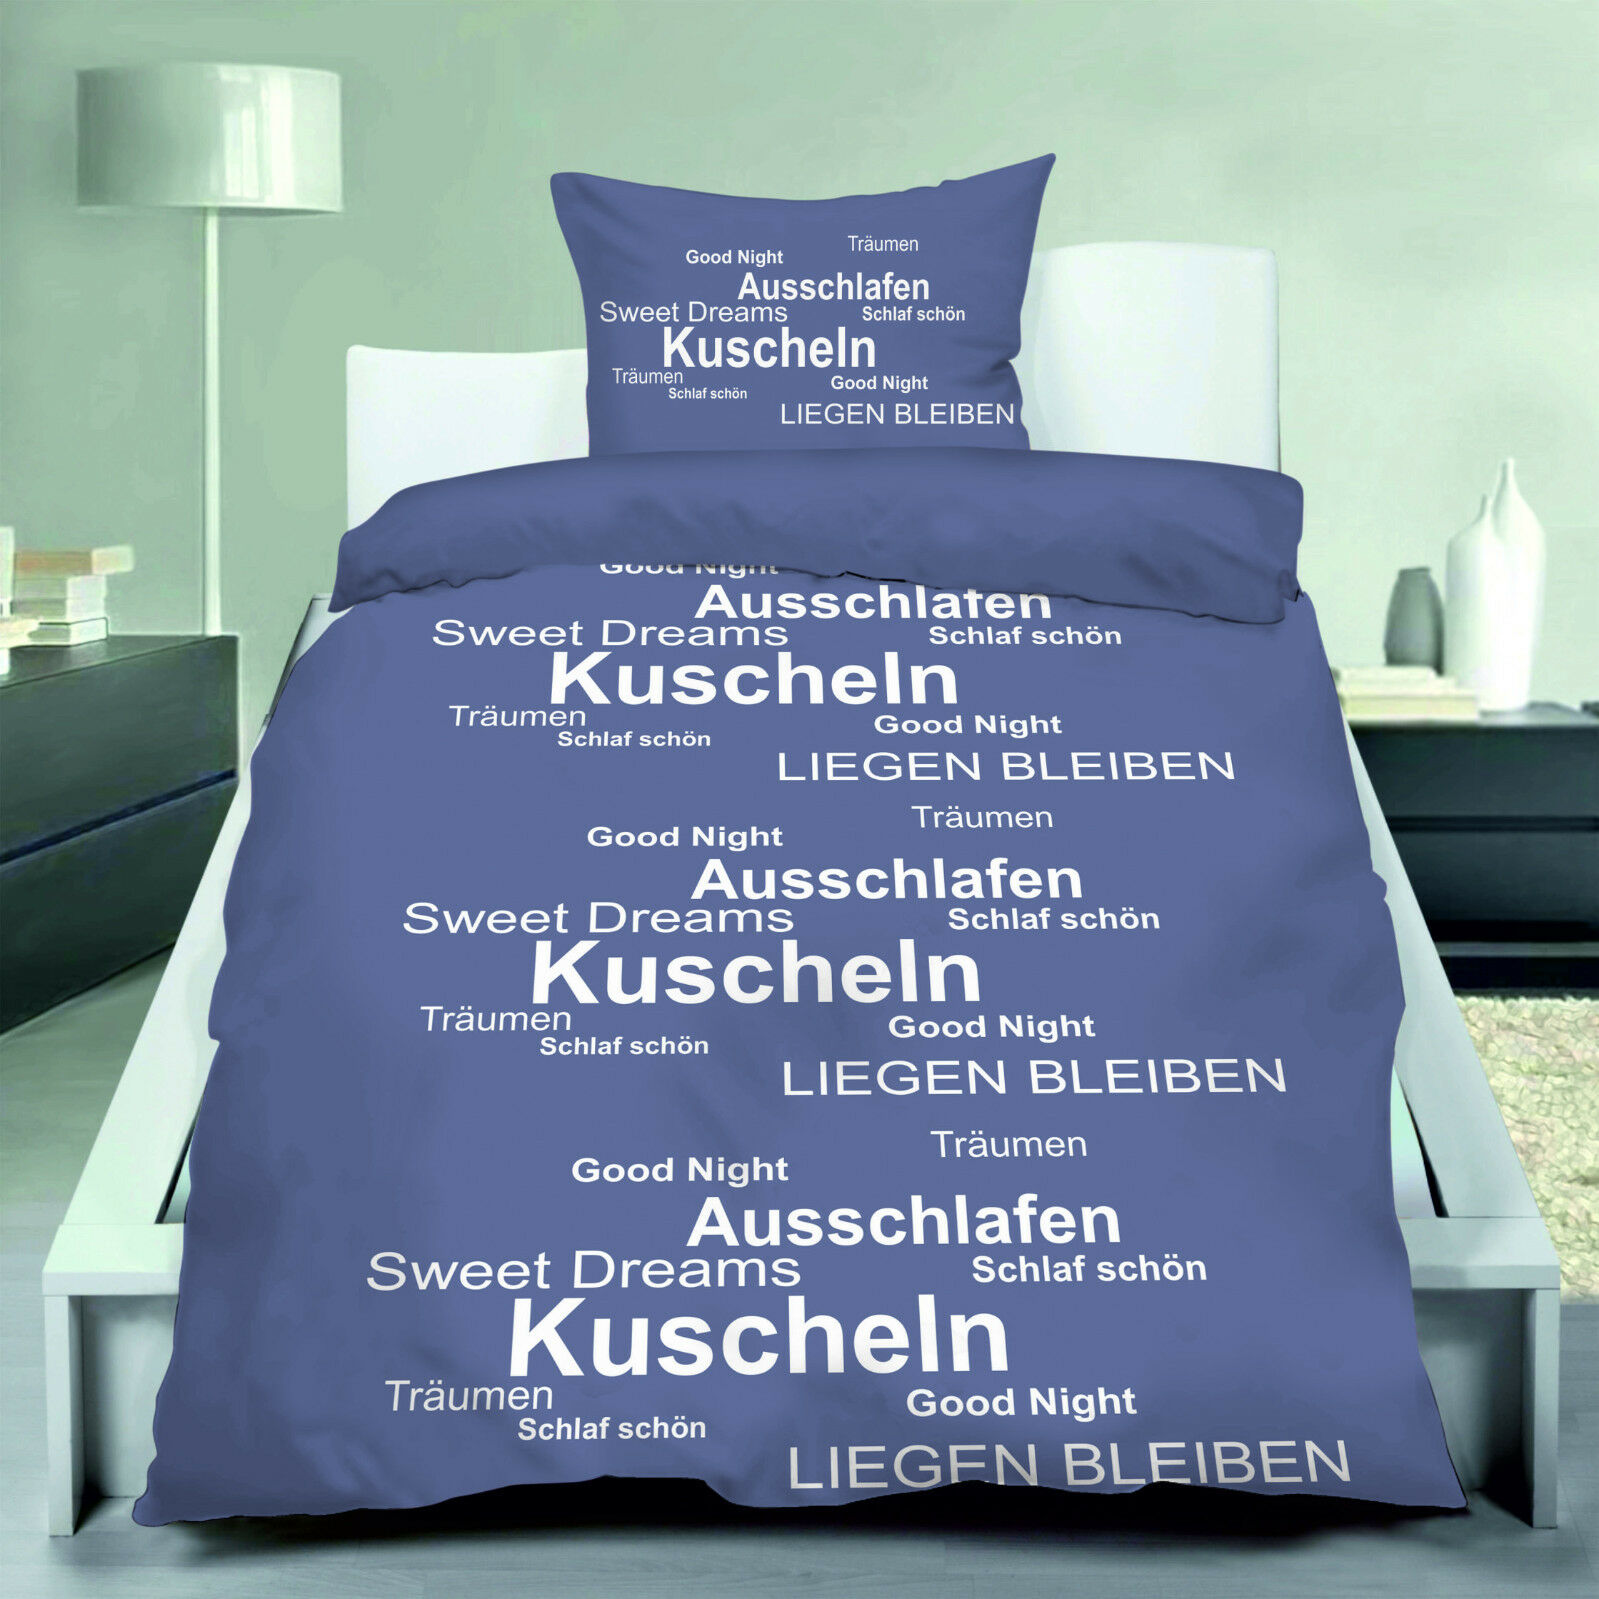 Full Size of Bettwäsche Mit Sprüche Bettwäsche 155x220 Sprüche Bettwäsche Lustige Sprüche Bettwäsche Sprüche Küche Bettwäsche Sprüche